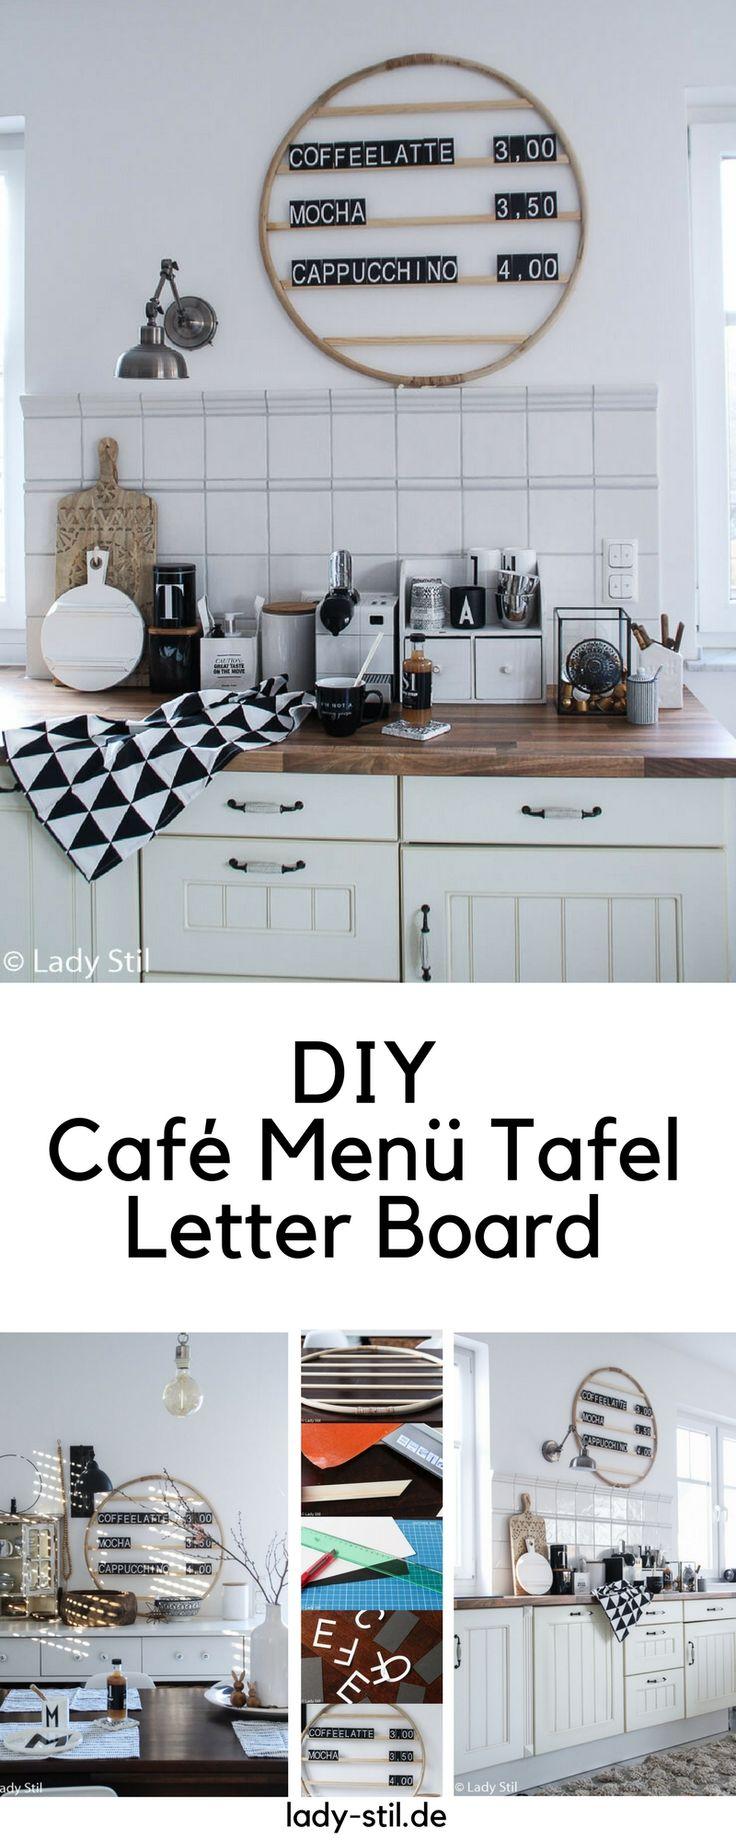 DIY Café Menü Tafel, Letter Board, ein Ikeahack oder einfach ein Upcacling für einen Hula Hoop Reifen! Ganz im Wiender Cafehaus Stil!